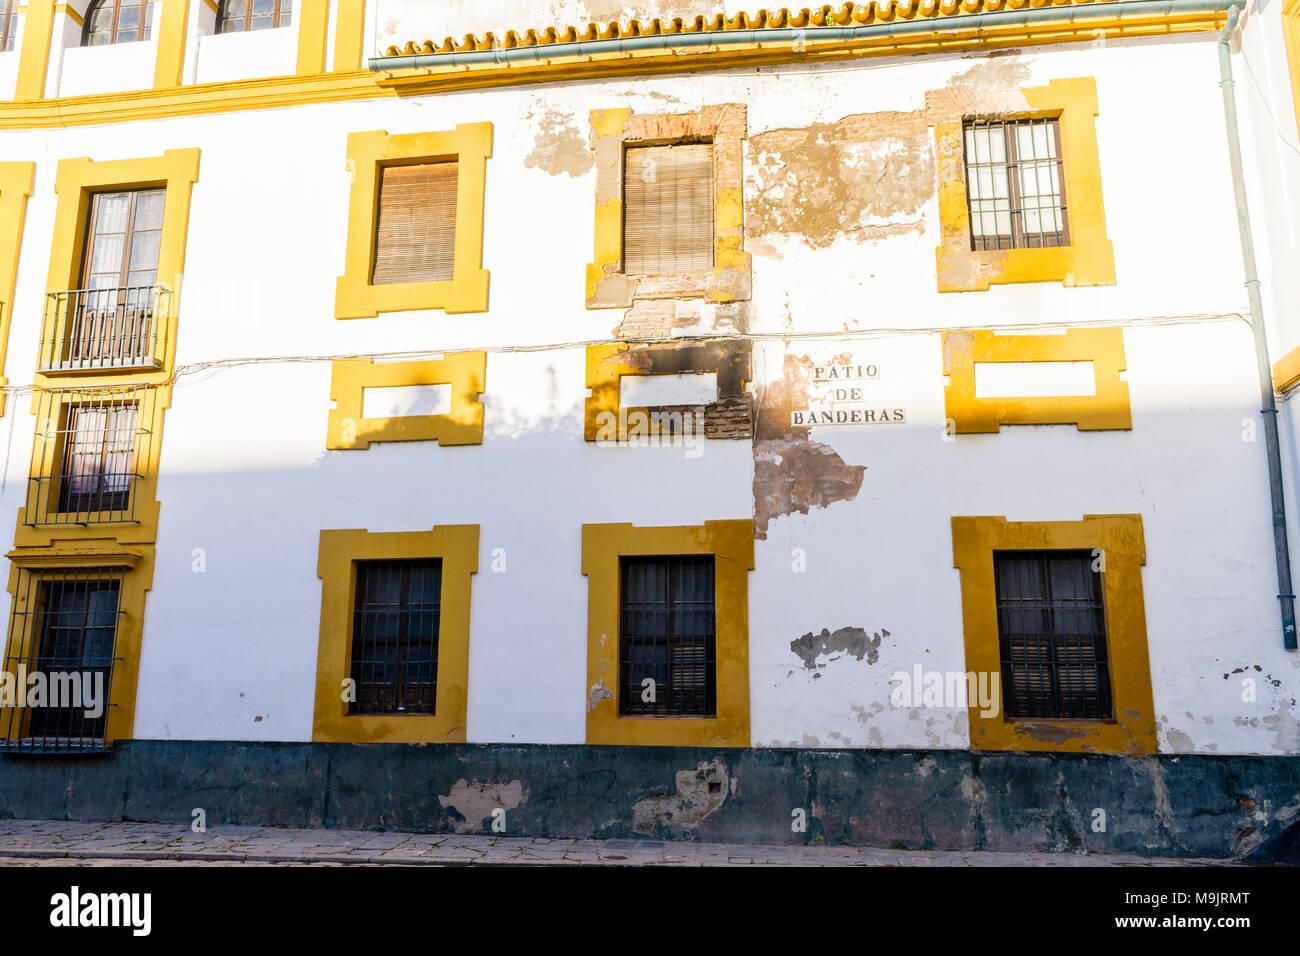 Centre of seville stock photos centre of seville stock for Seville house